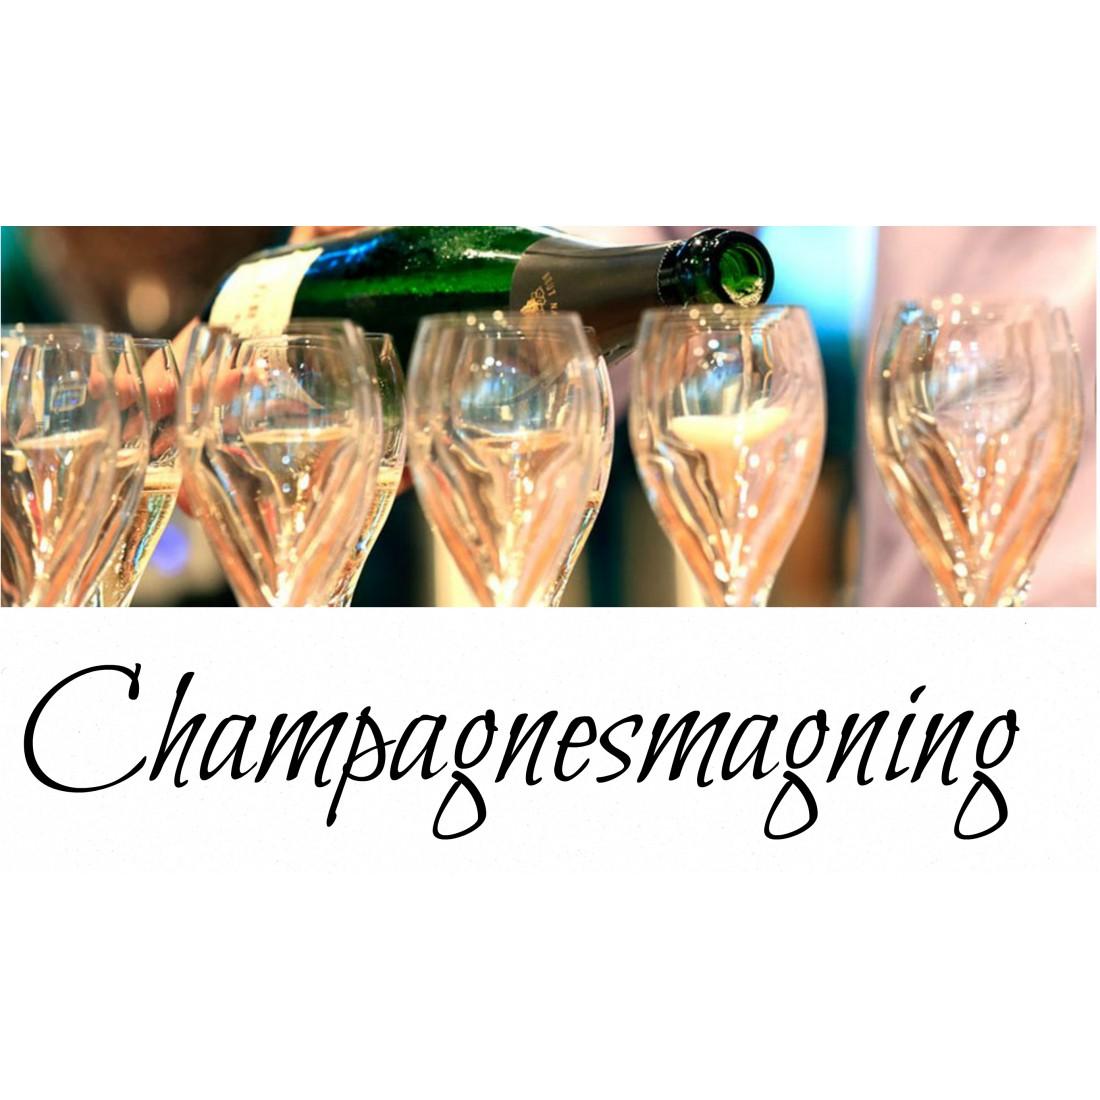 Champagnesmagning i Århus Onsdag den 18 december kl. 19.00-31